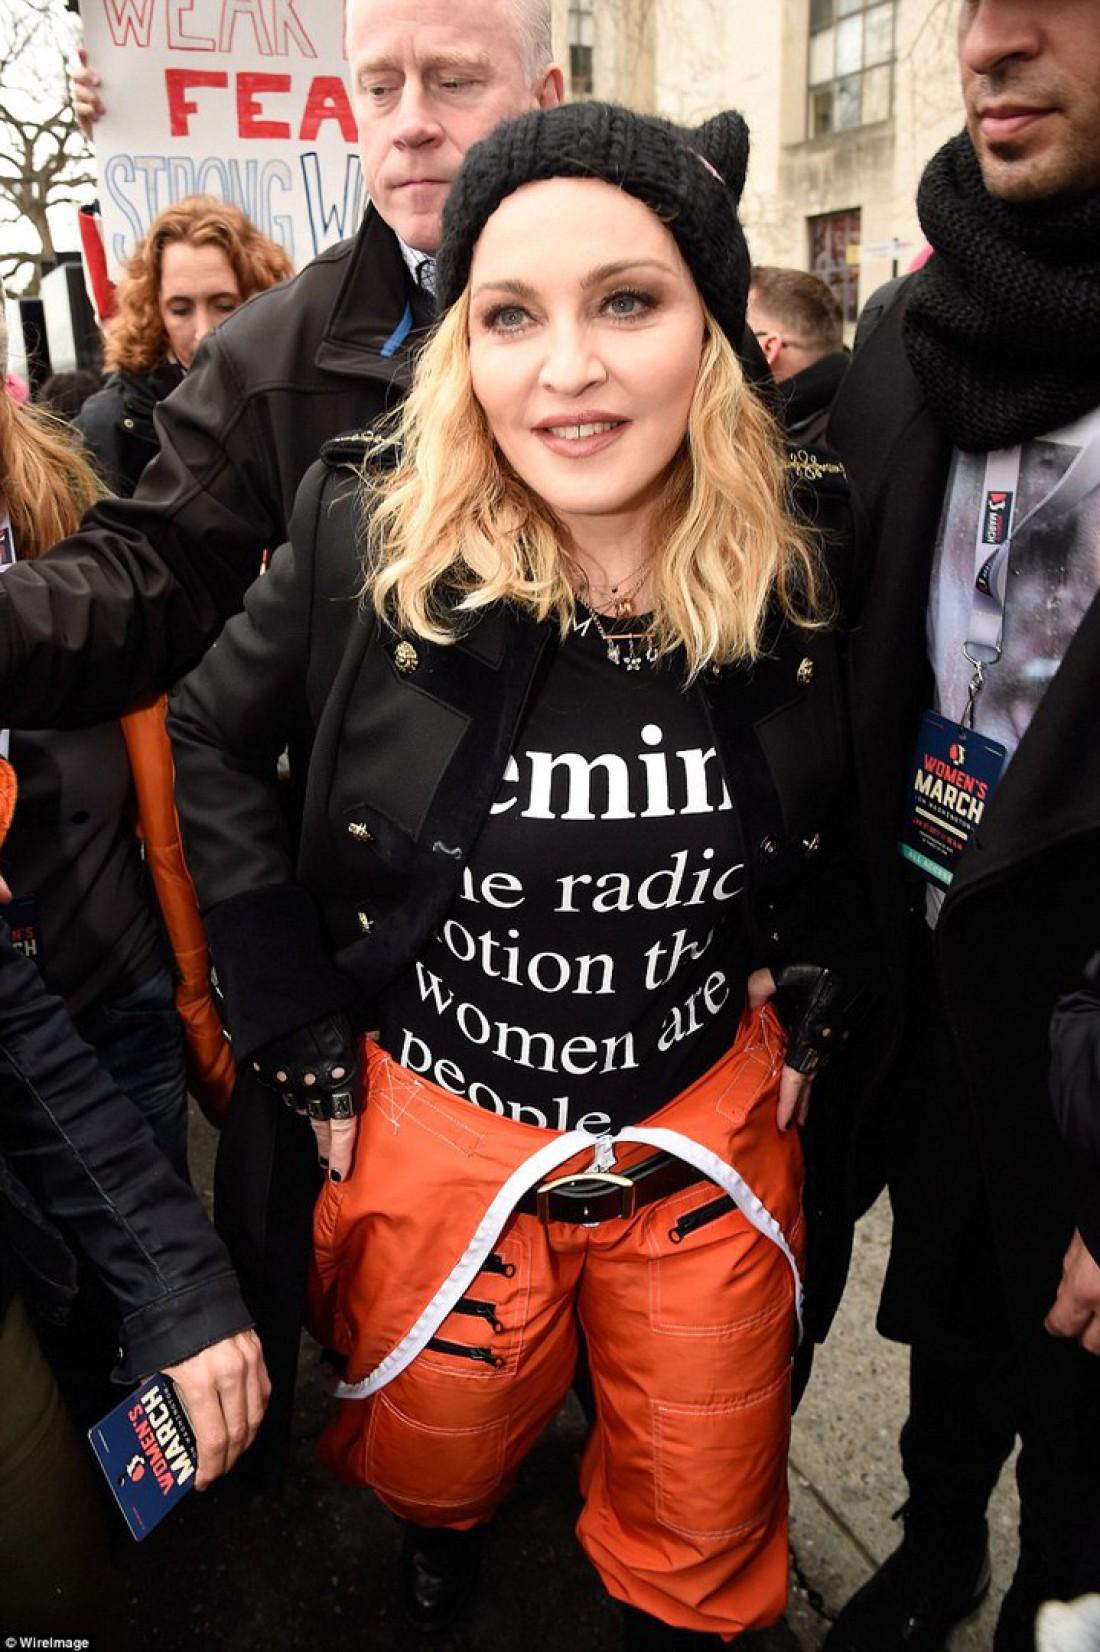 Певица Мадонна грубо высказалась в сторону Трампа